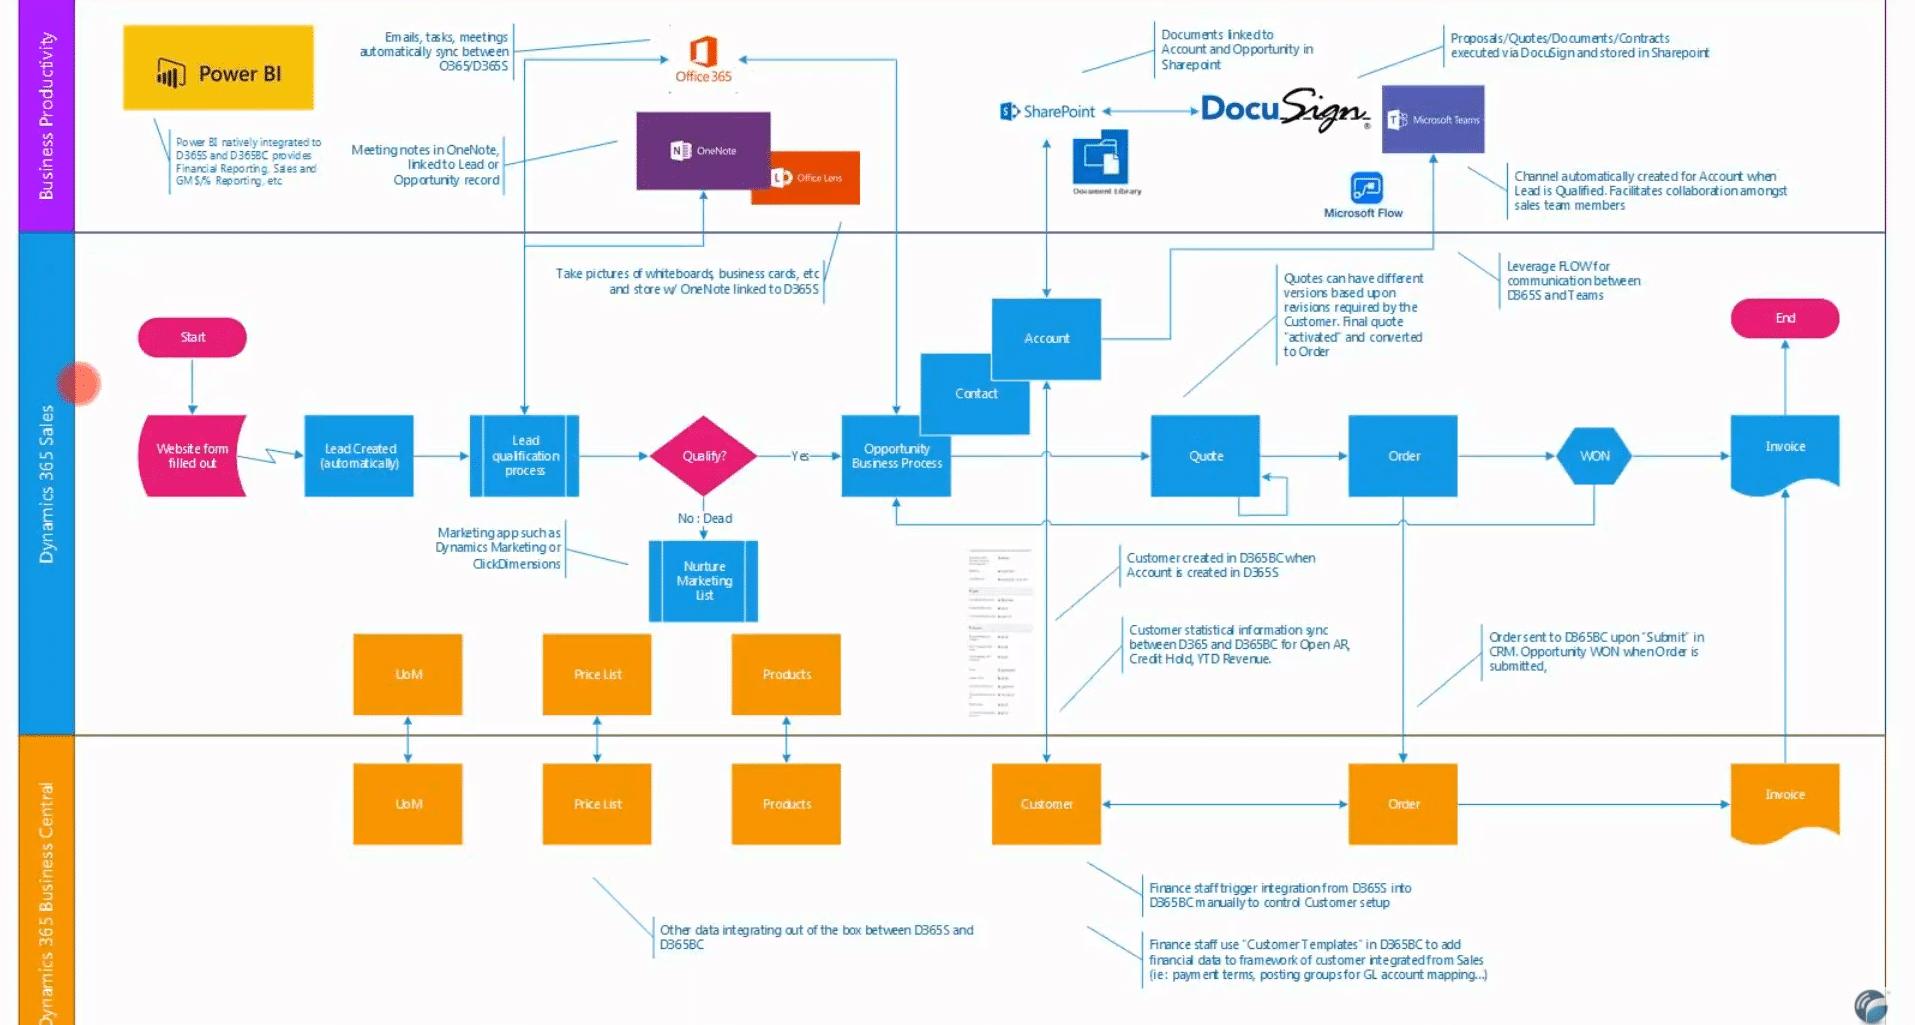 crm microsoft processus de vente et interfaces office